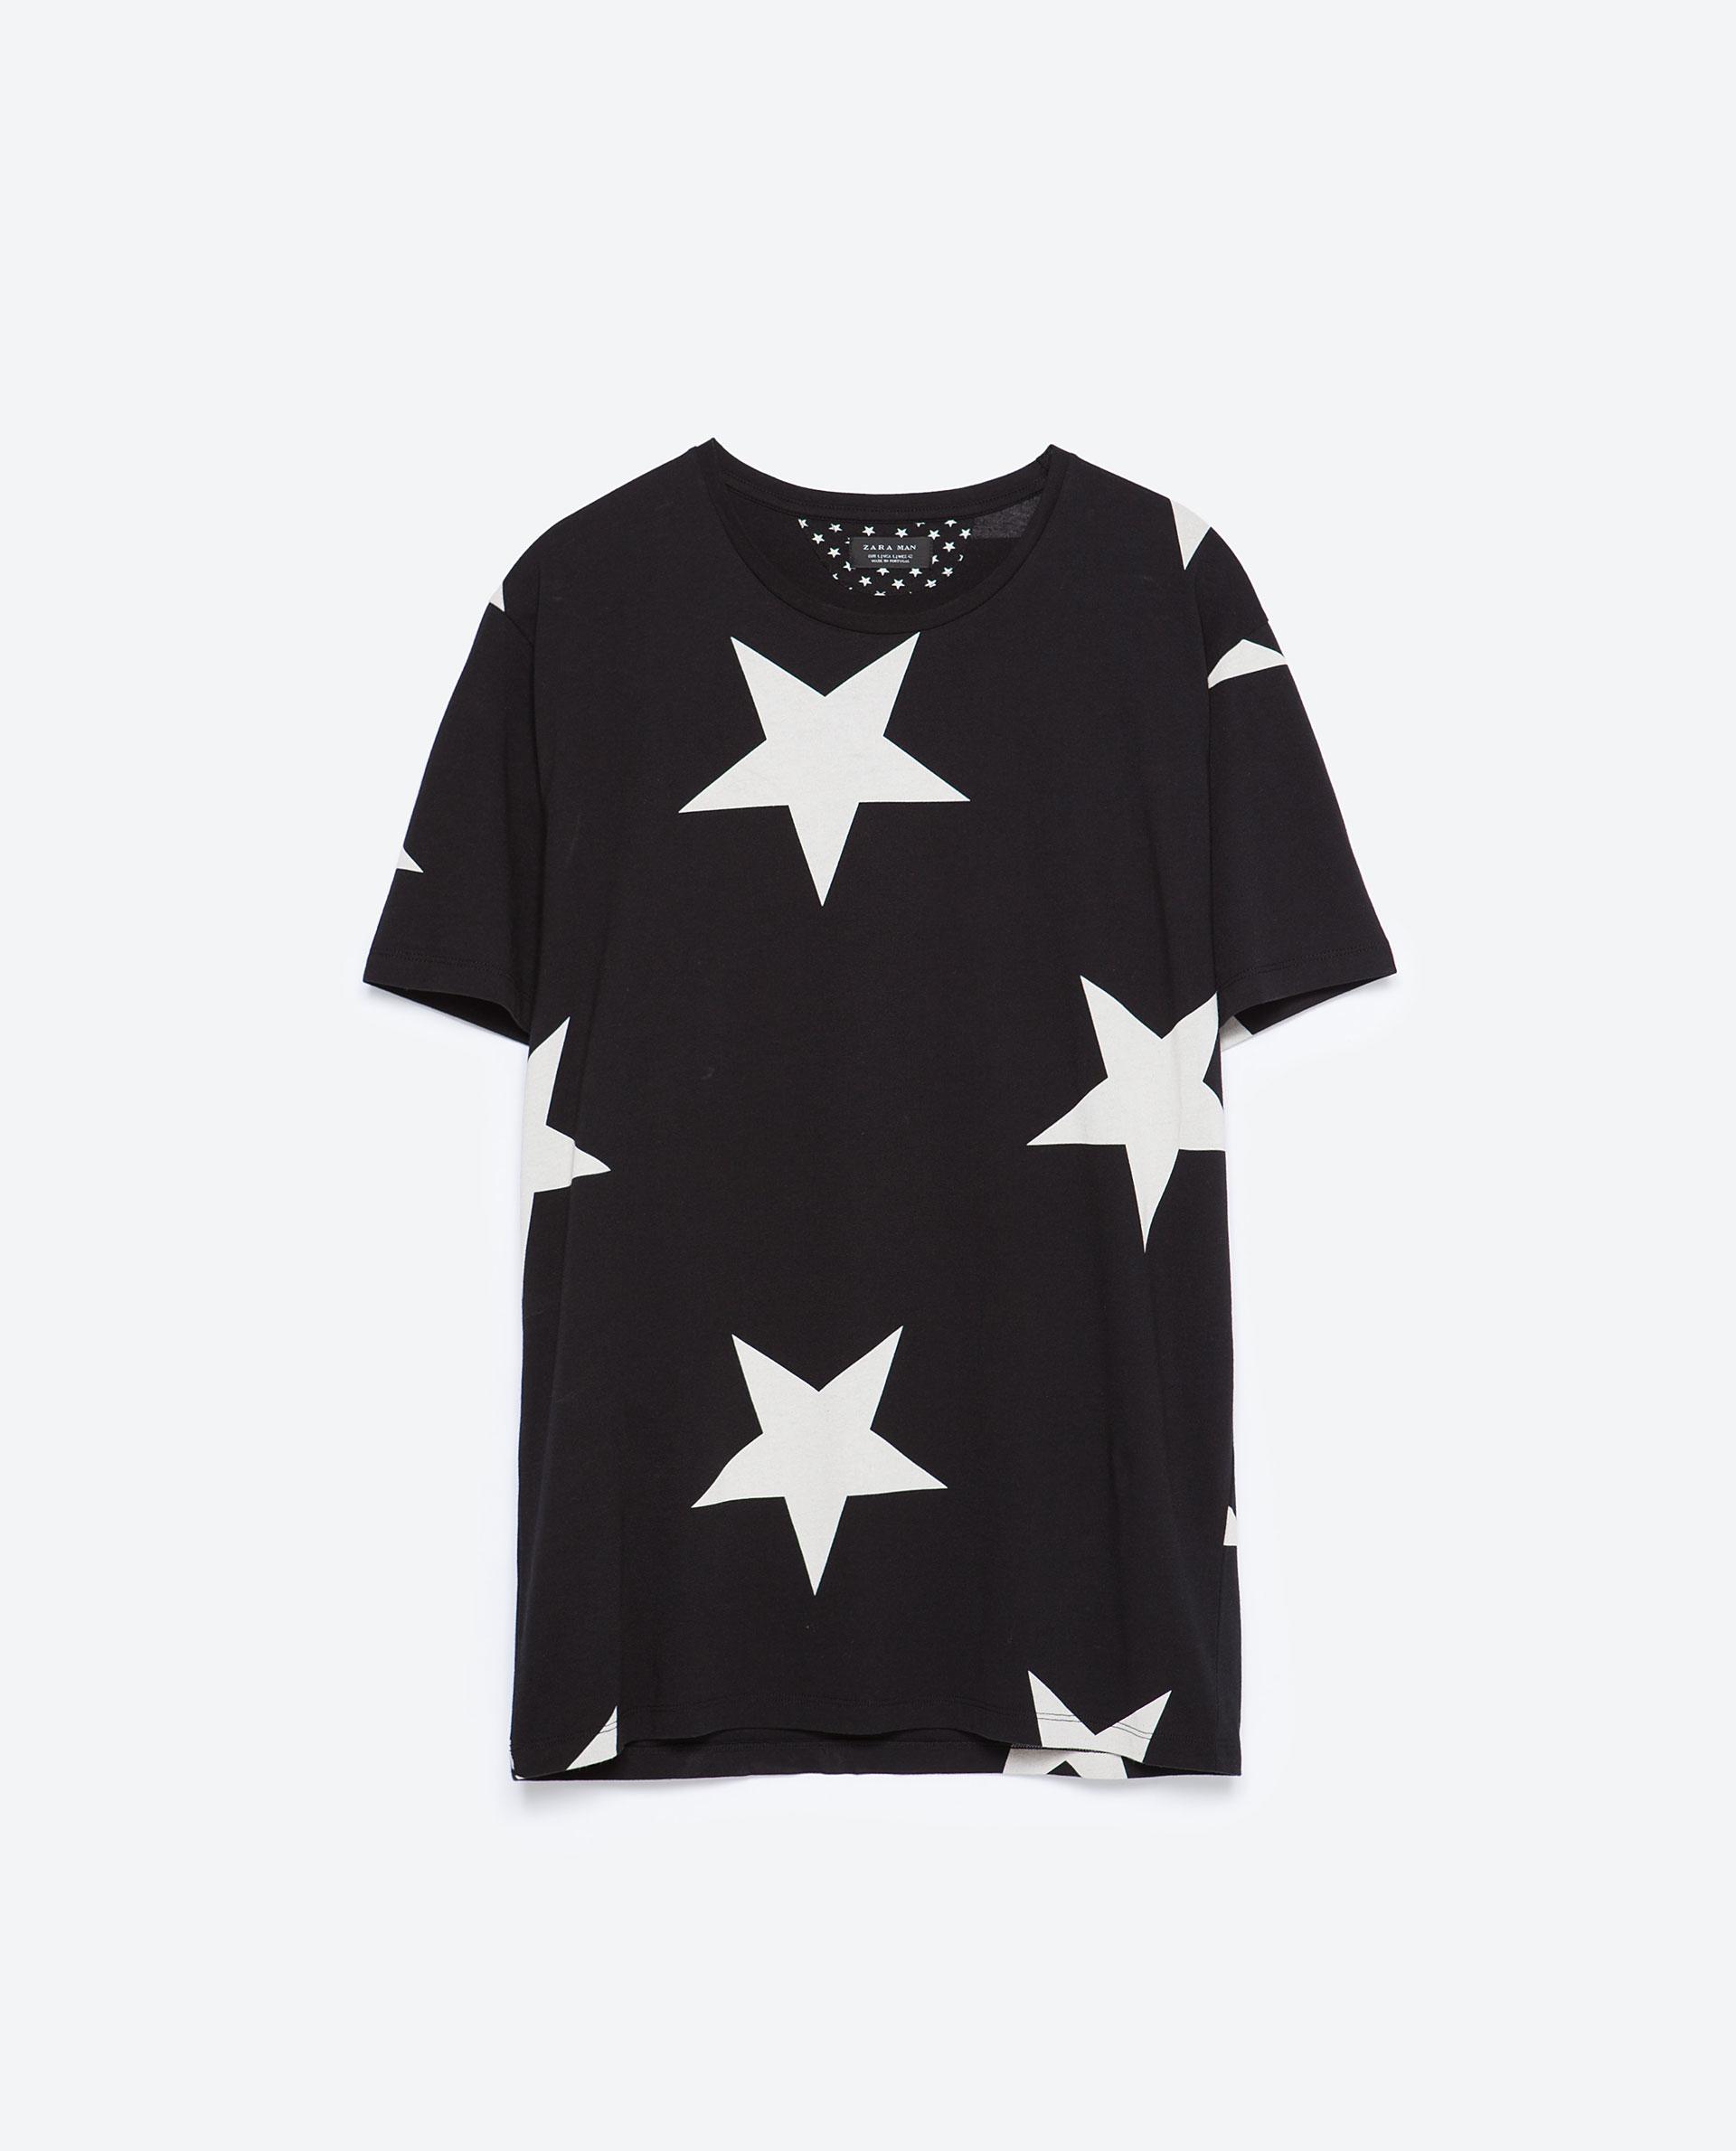 Black t shirt star - Black T Shirt Star Black T Shirt Star Gallery